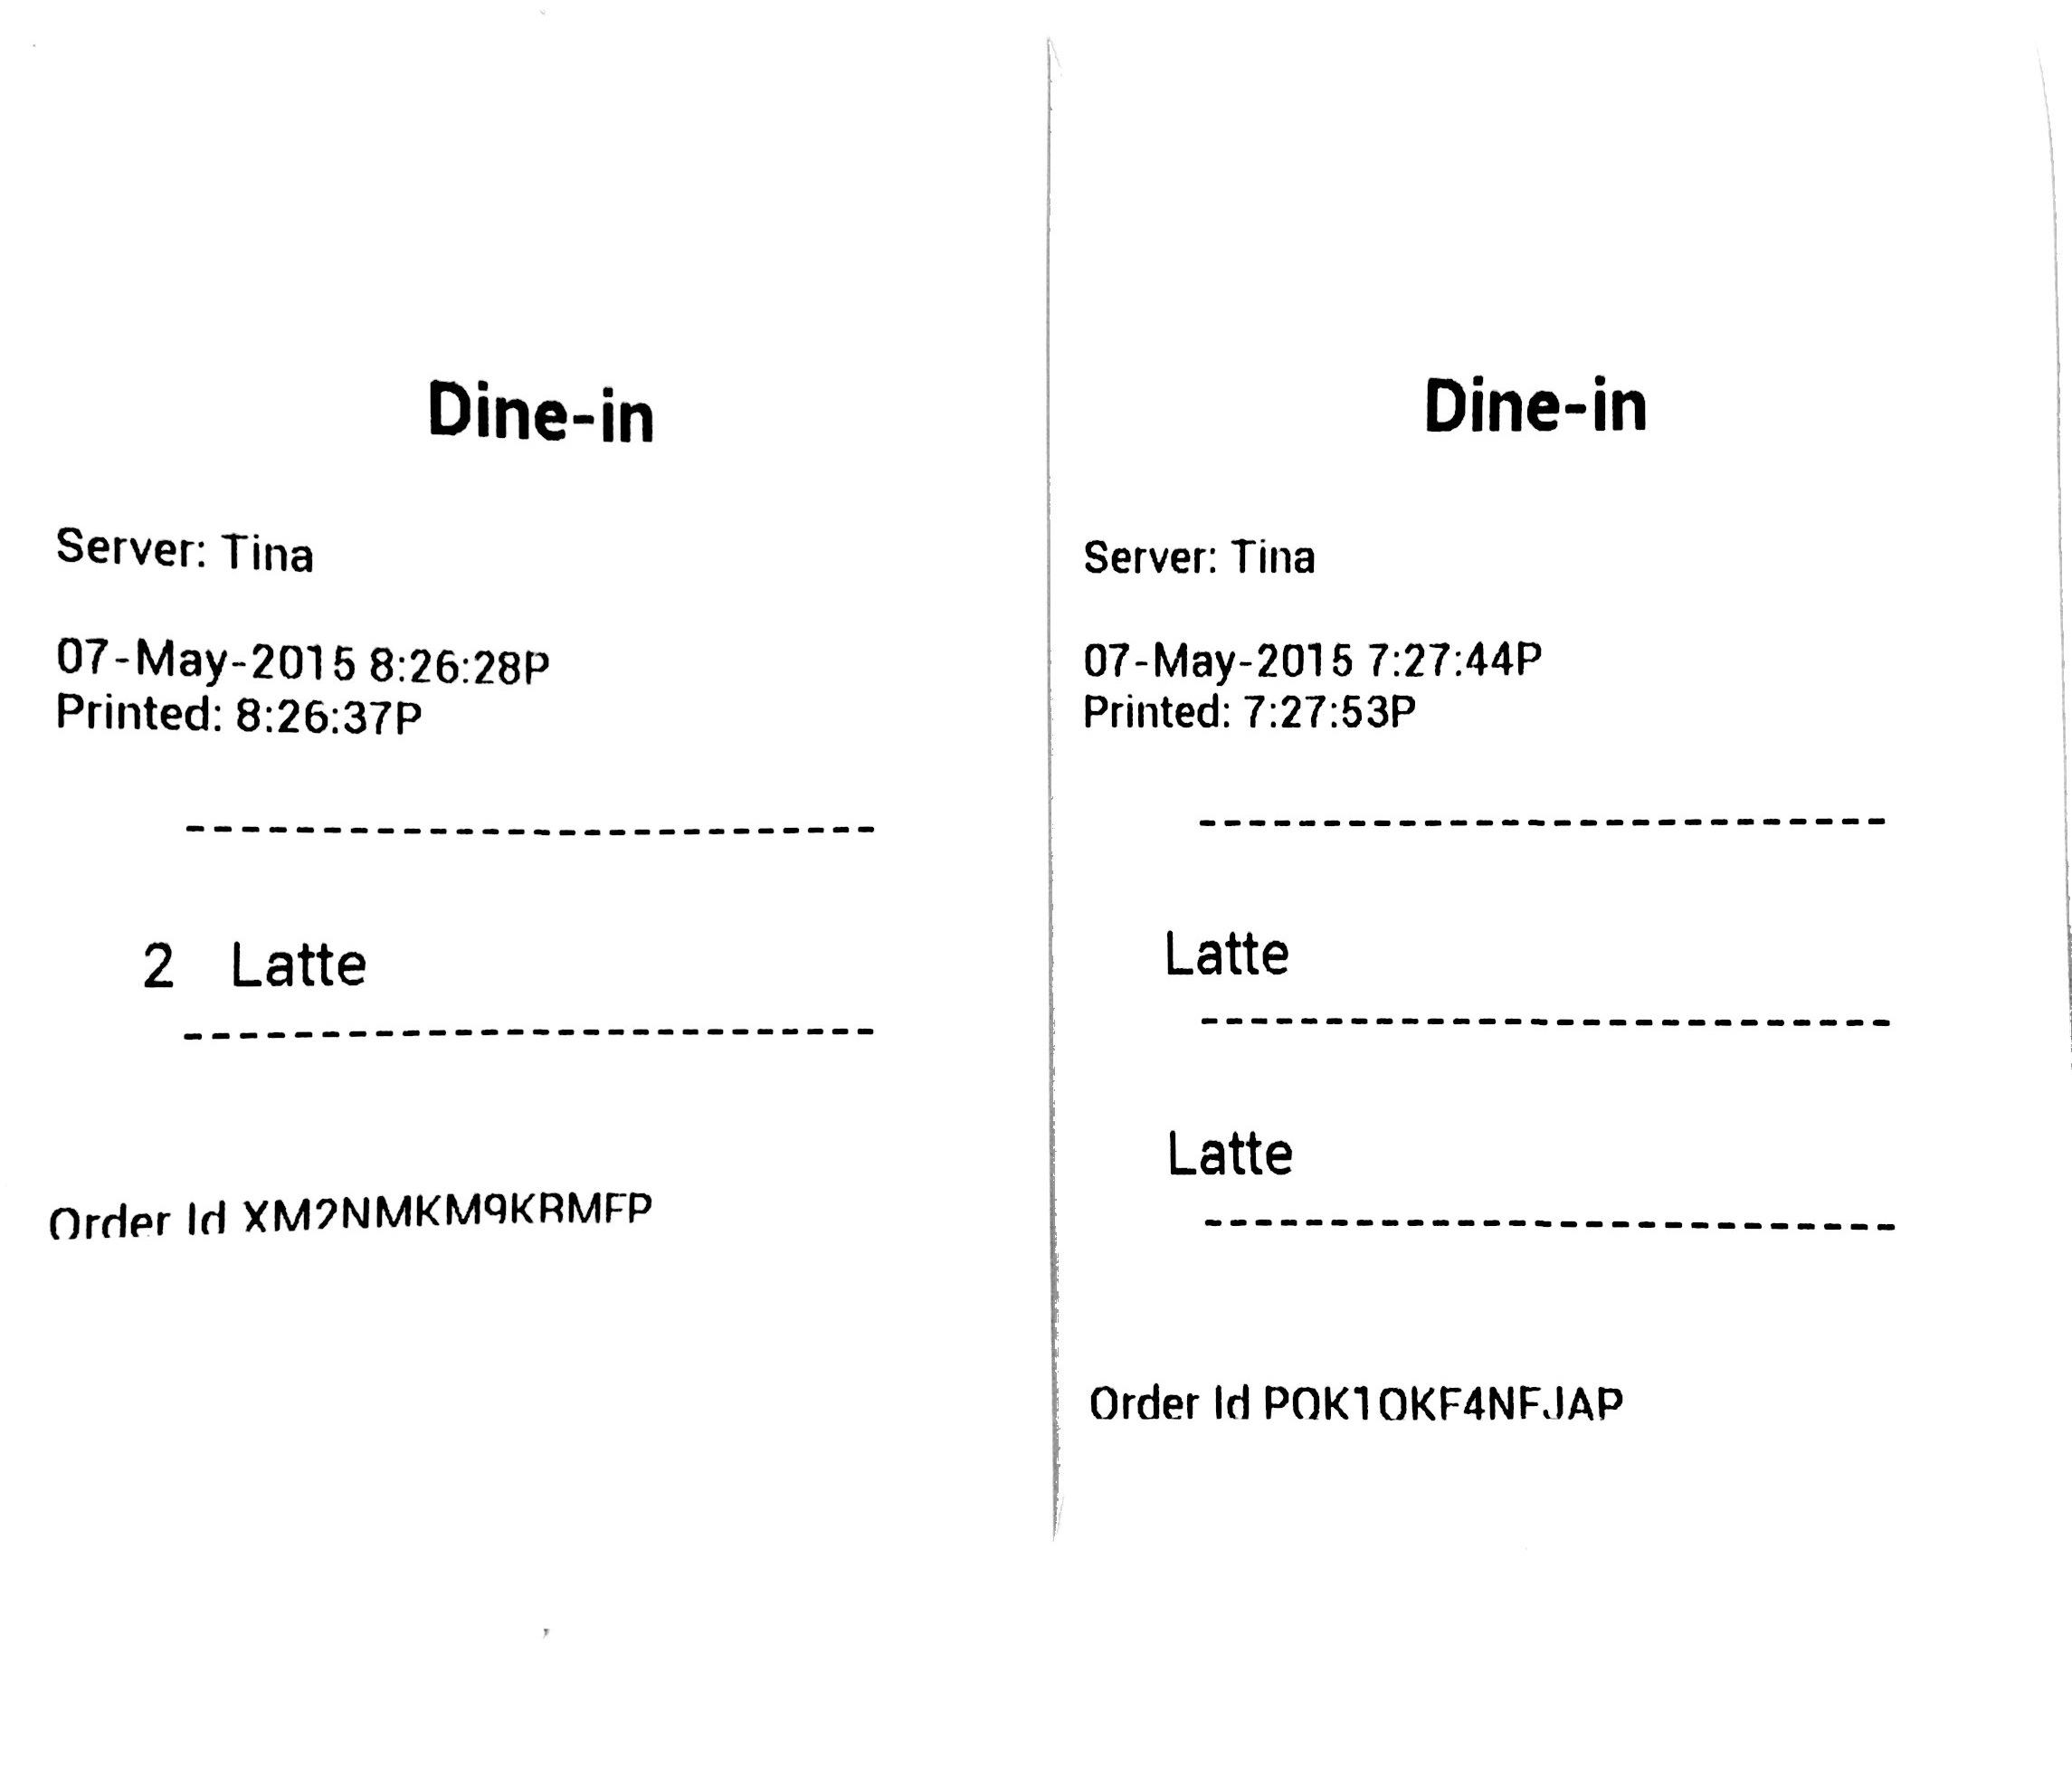 Order Receipts